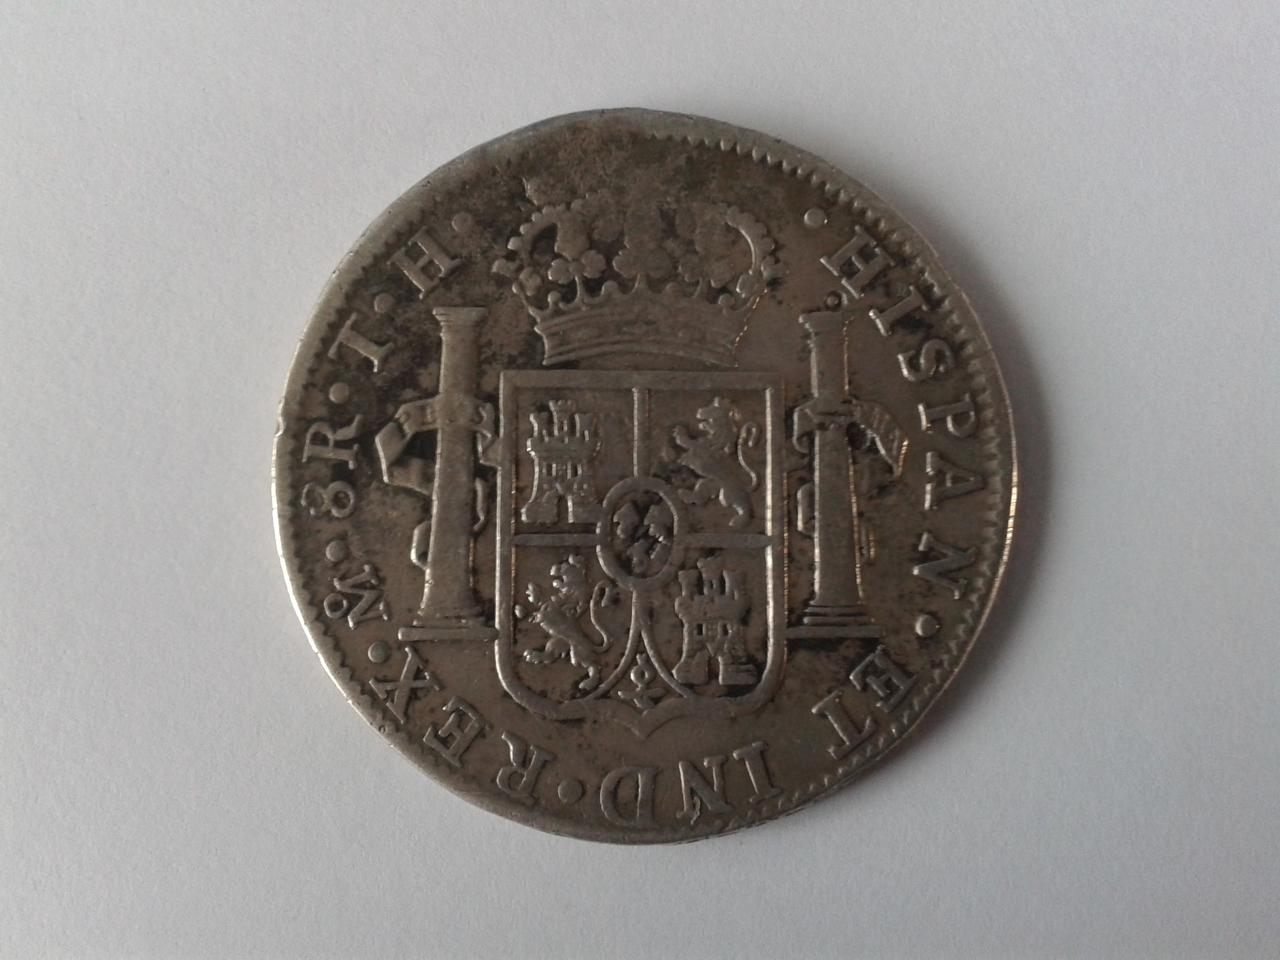 8 reales 1821 - México - Carlos IIII 20141025_154755